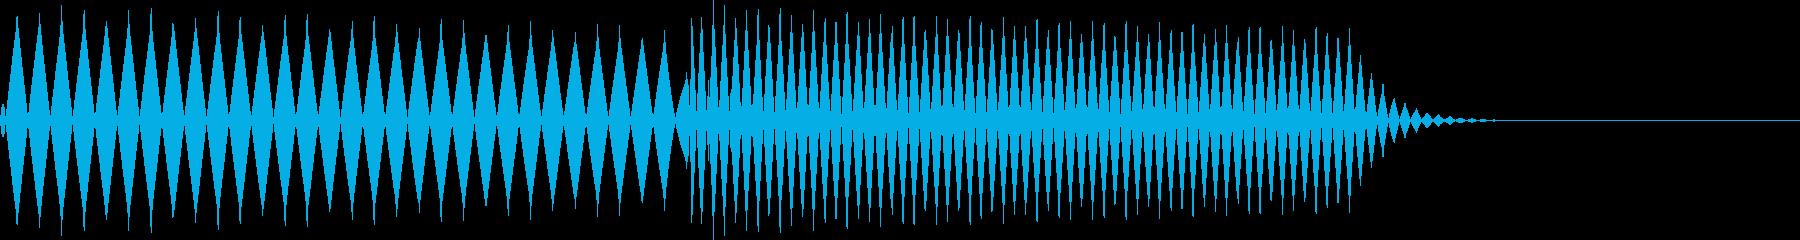 ピコ(カーソル移動、決定、ボタン押す)の再生済みの波形